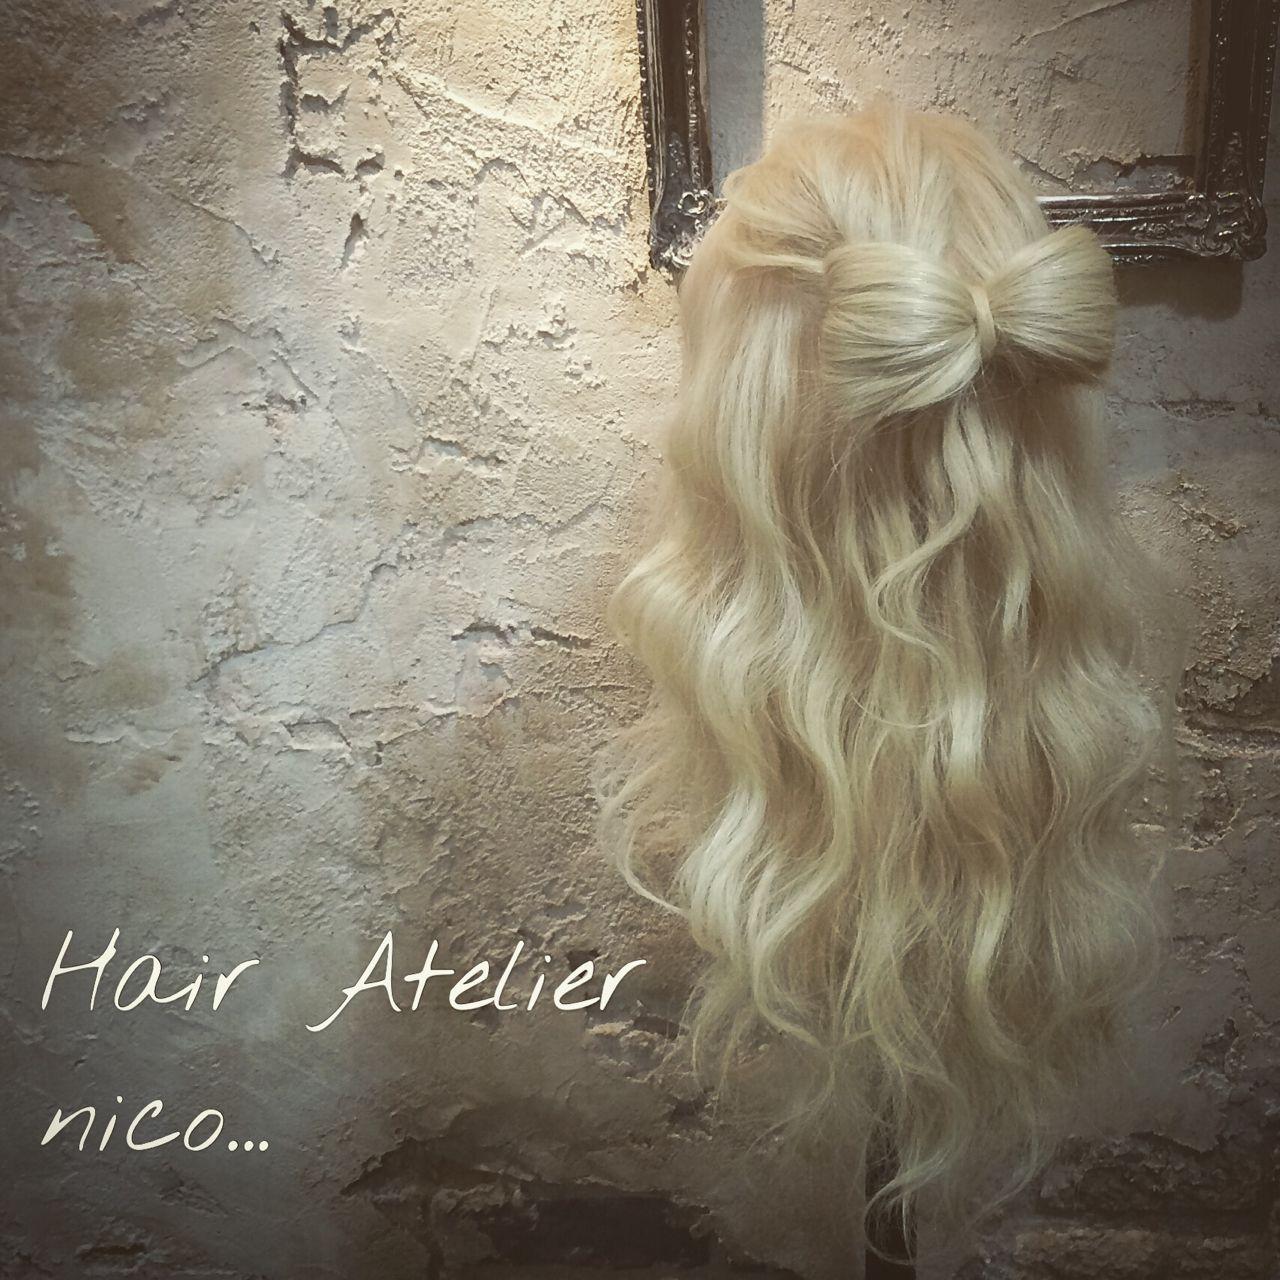 センターパート 春 パンク ロング ヘアスタイルや髪型の写真・画像